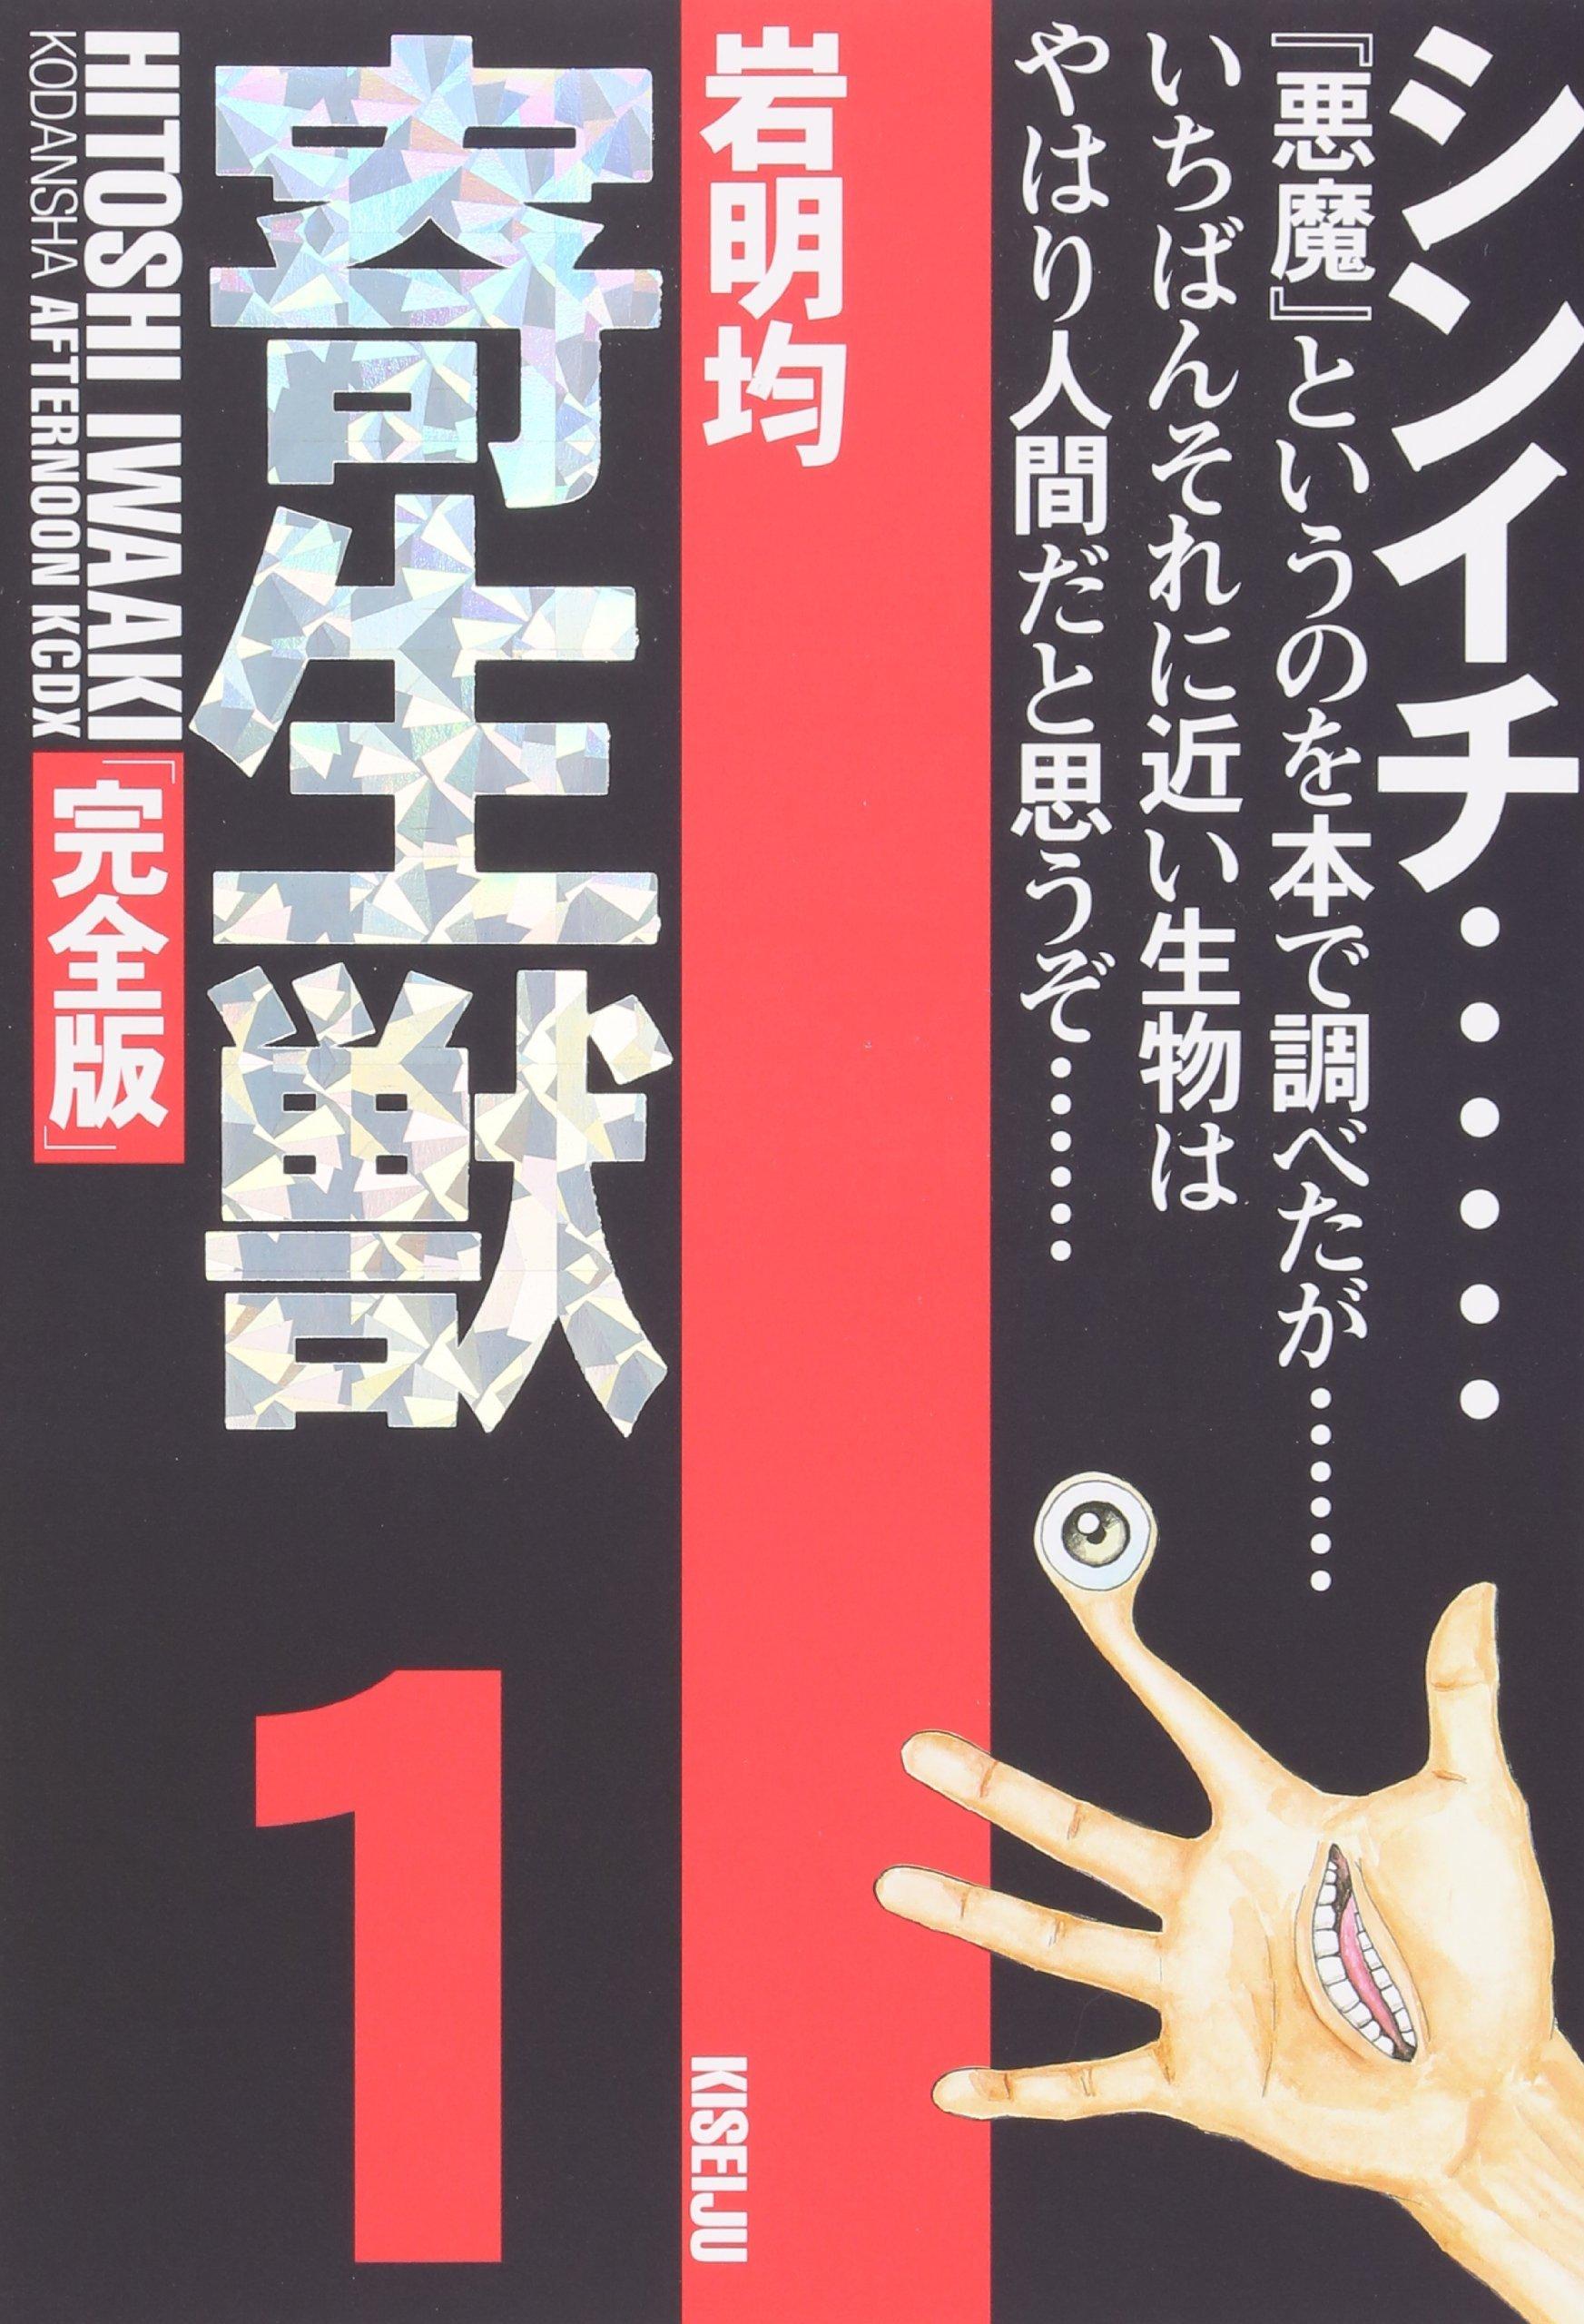 寄生獣 あ (2)